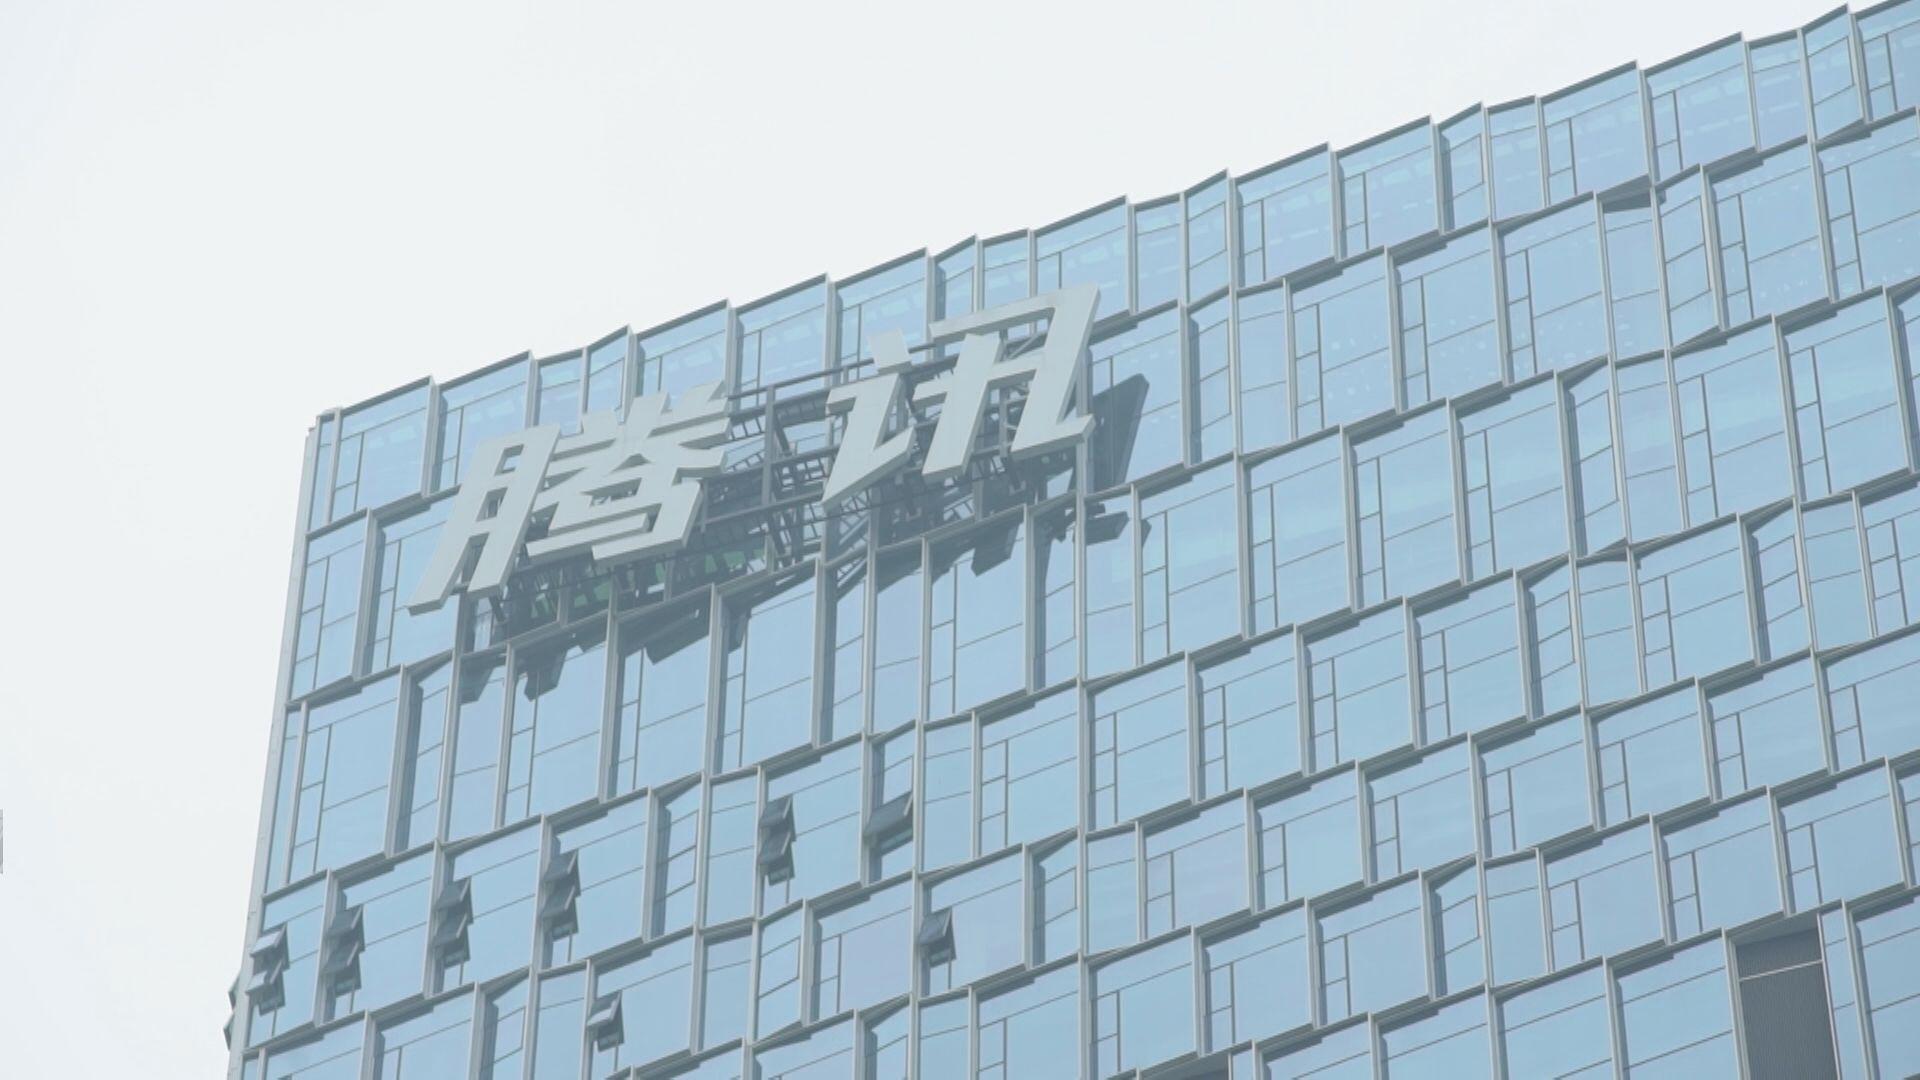 報道:騰訊牽頭向即構 投資5000萬美元